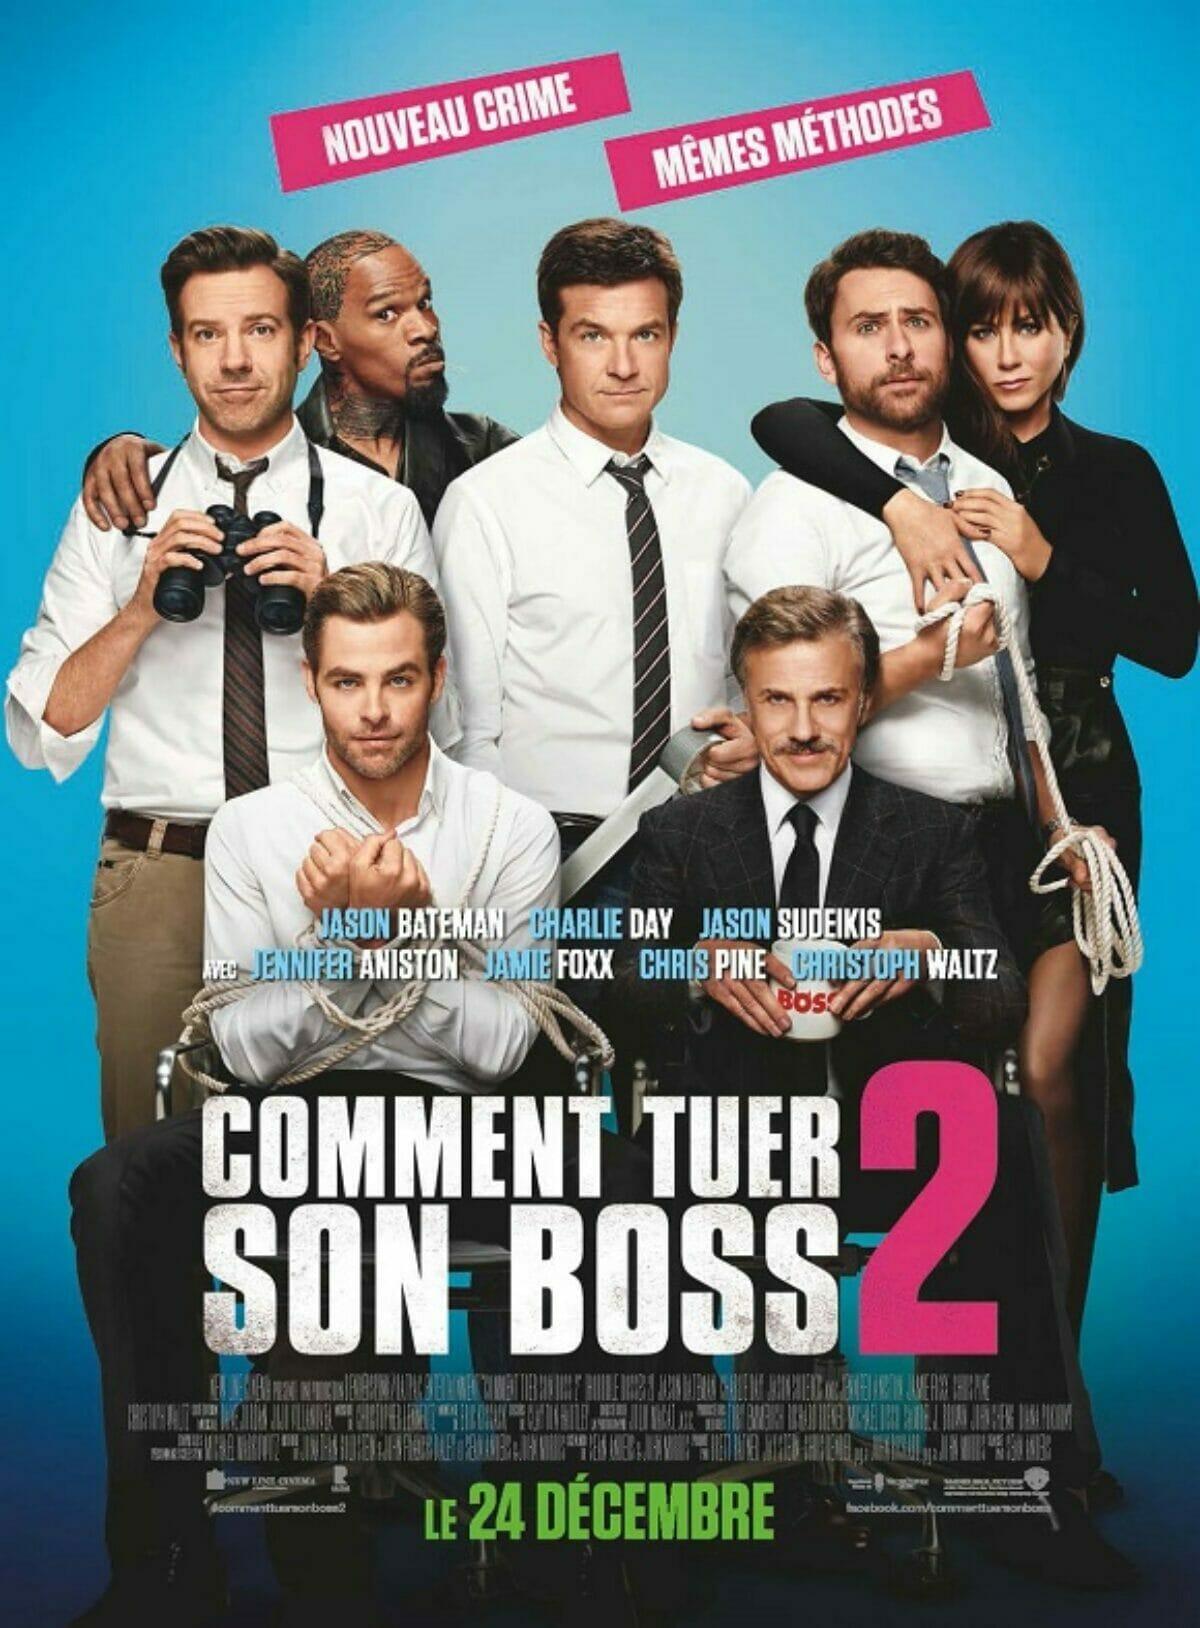 Comment-tuer-son-boss2-affiche-France